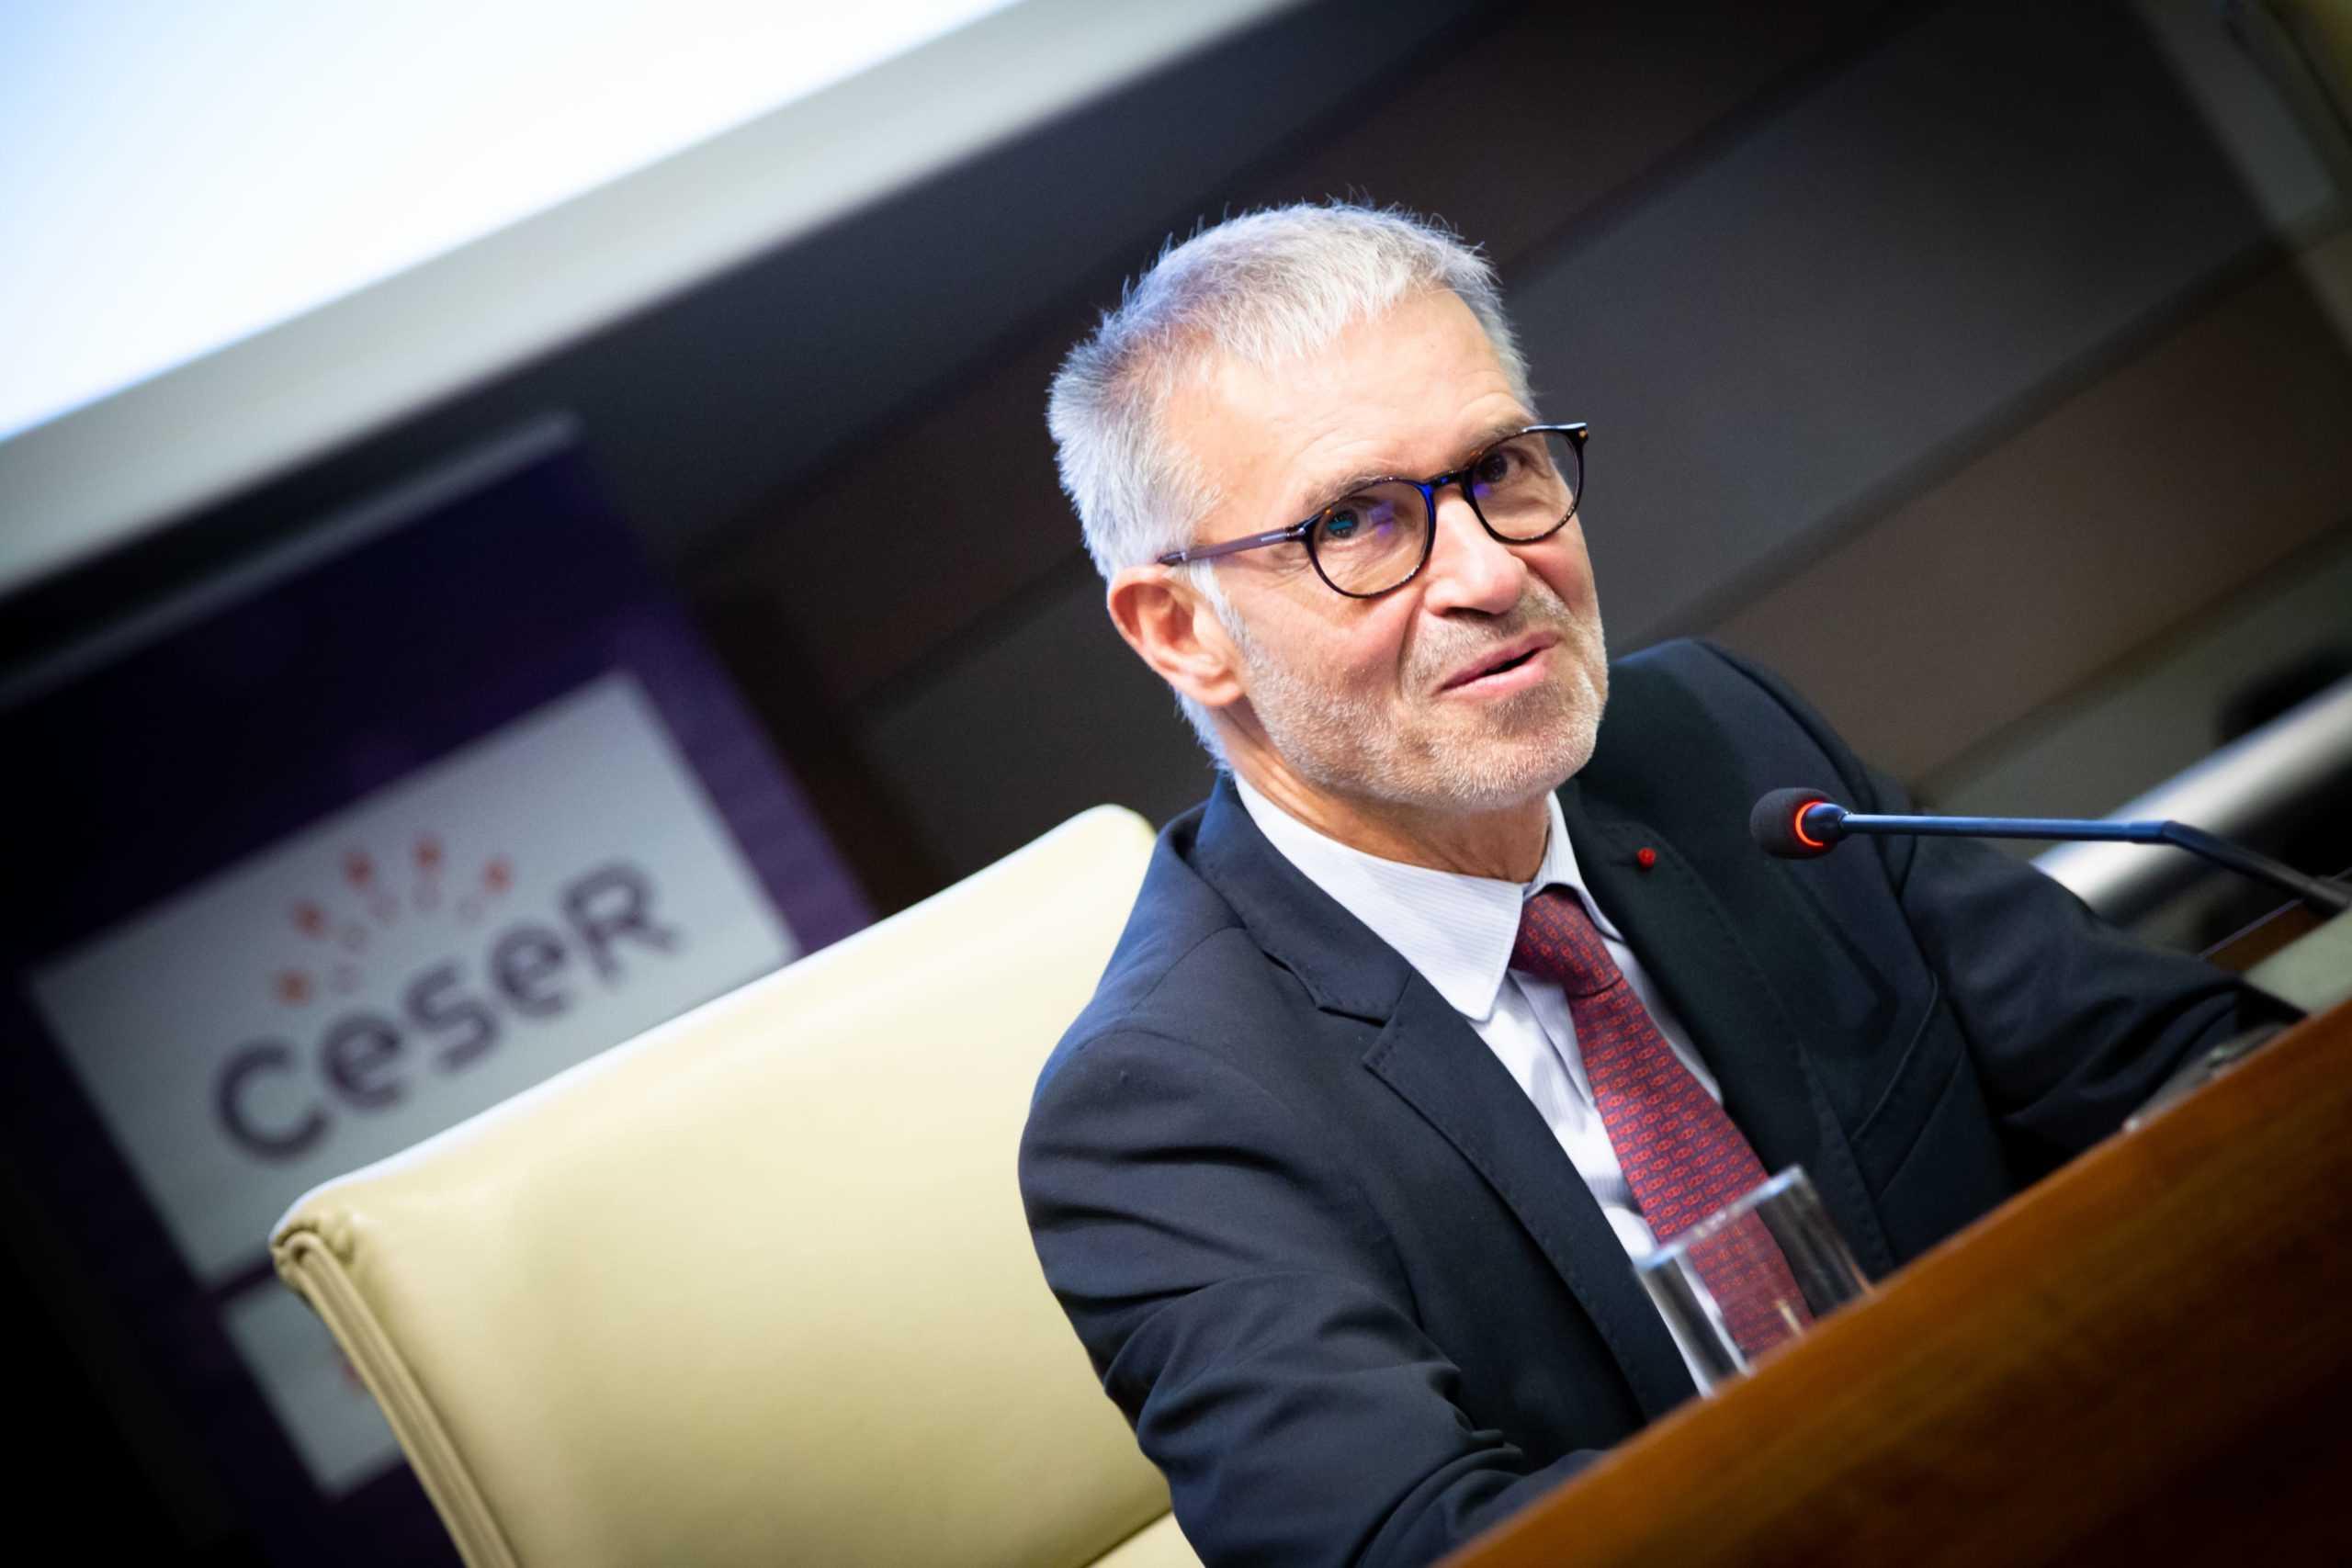 Patrick Bernasconi, président du Cese, devant l'assemblée du Ceser Île-de-France